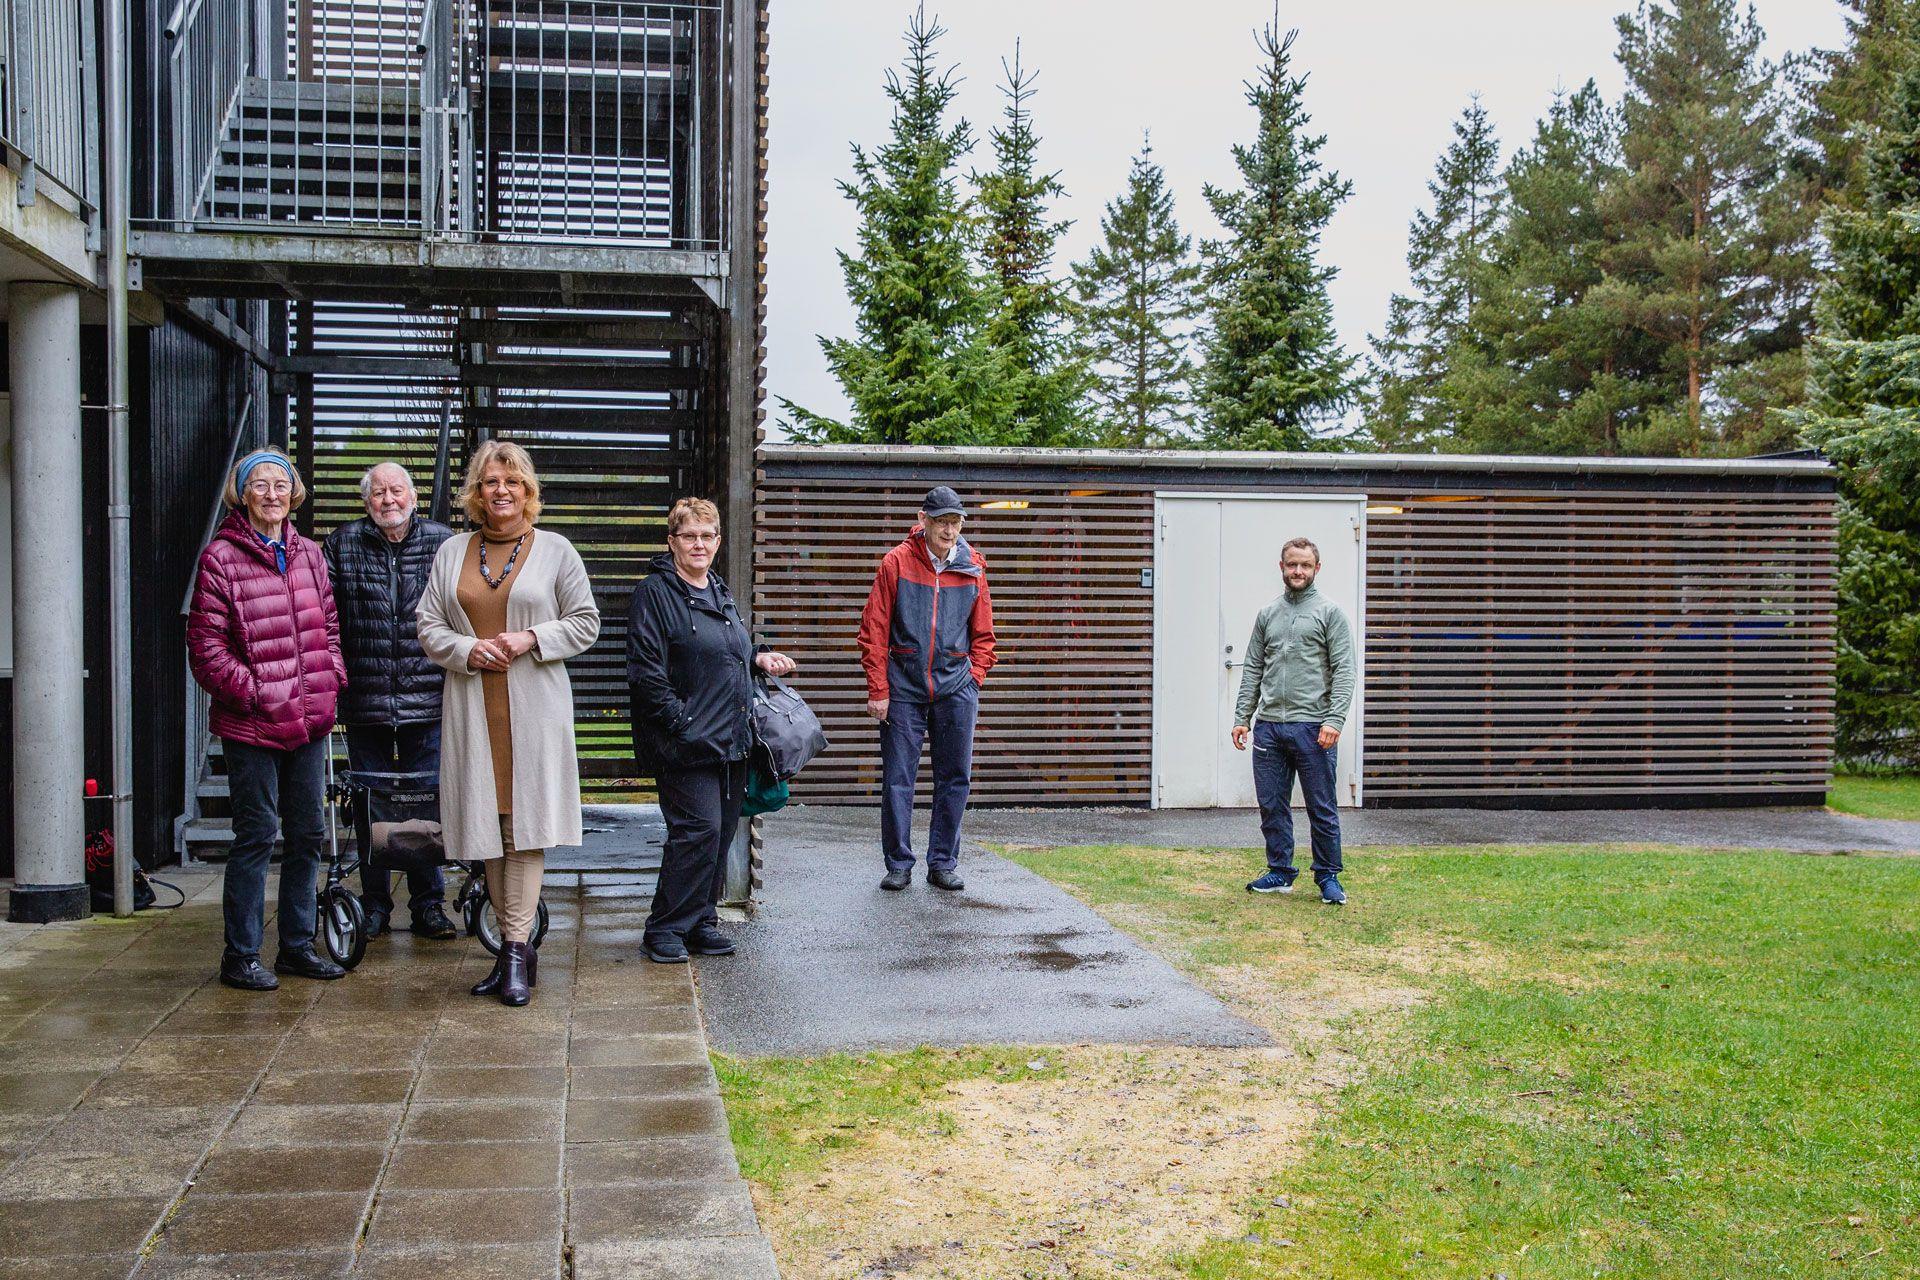 Styremedlemmer og beboere i sameiet Blåbærhagen